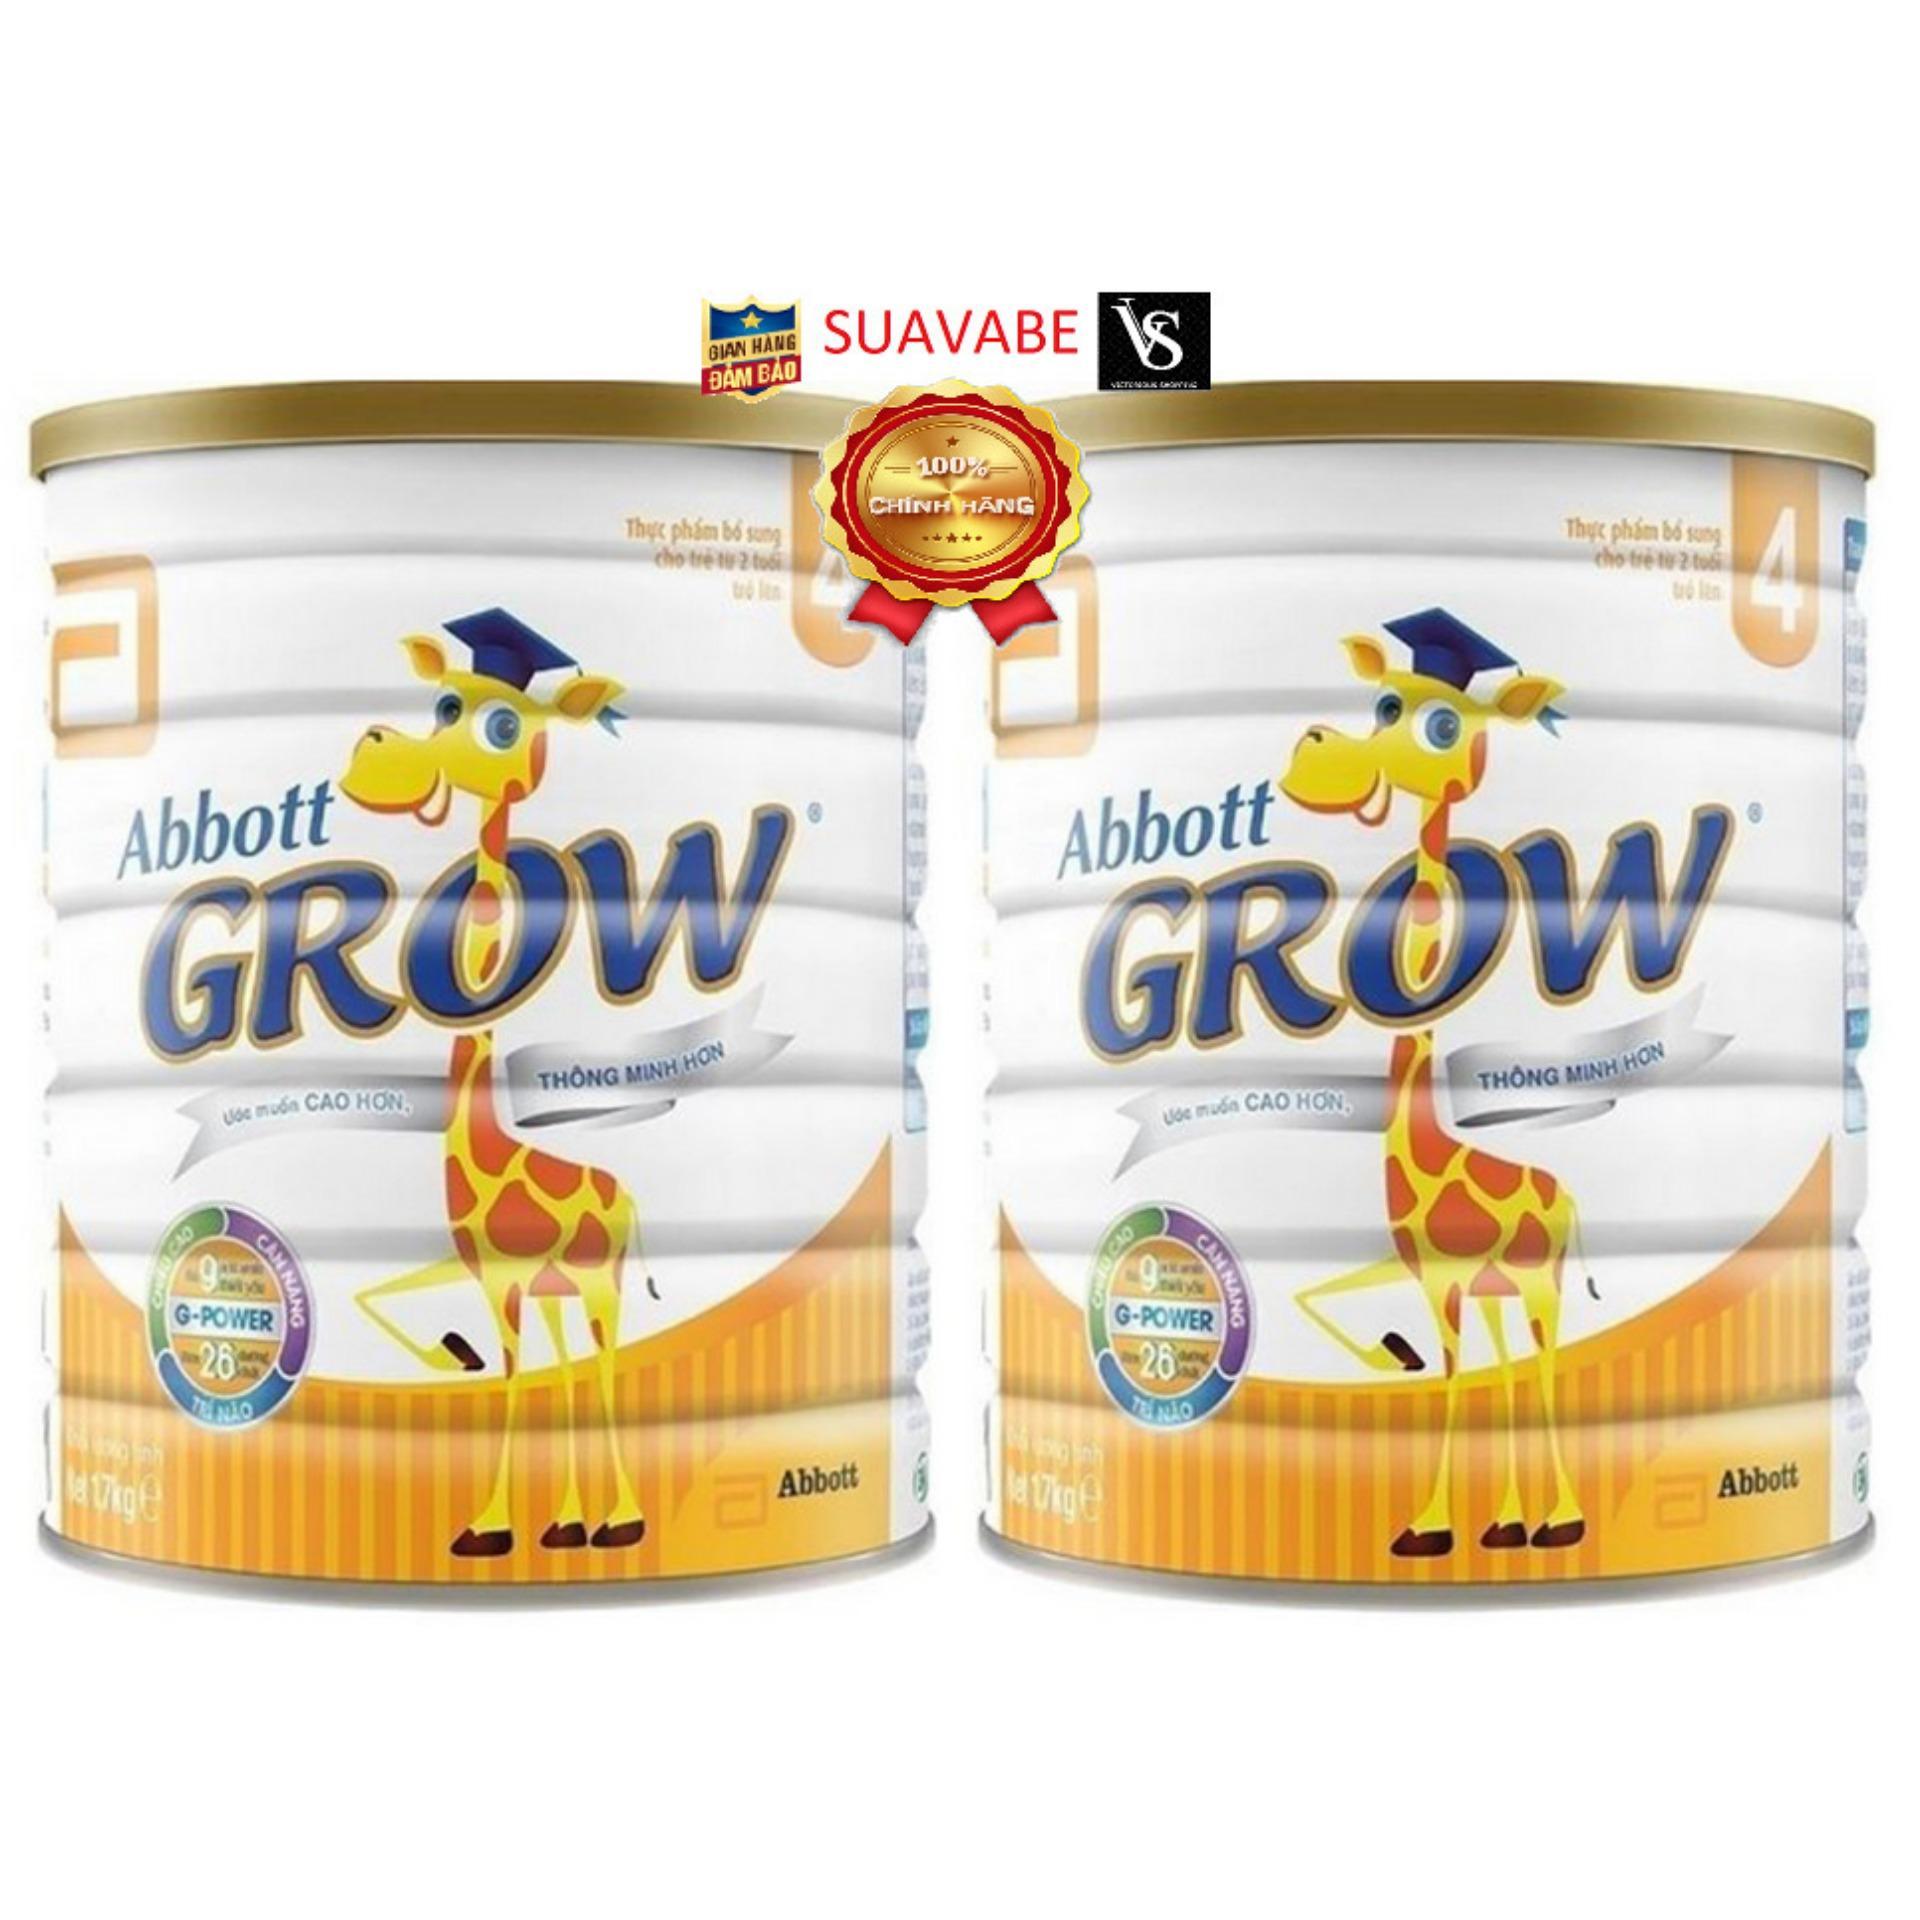 Bộ 2 lon Sữa bột Abbott Grow 4 1700g dành cho trẻ 3 - 6 tuổi hương vị thơm ngon chứa nhiều dưỡng chất và vi chất cần thiết